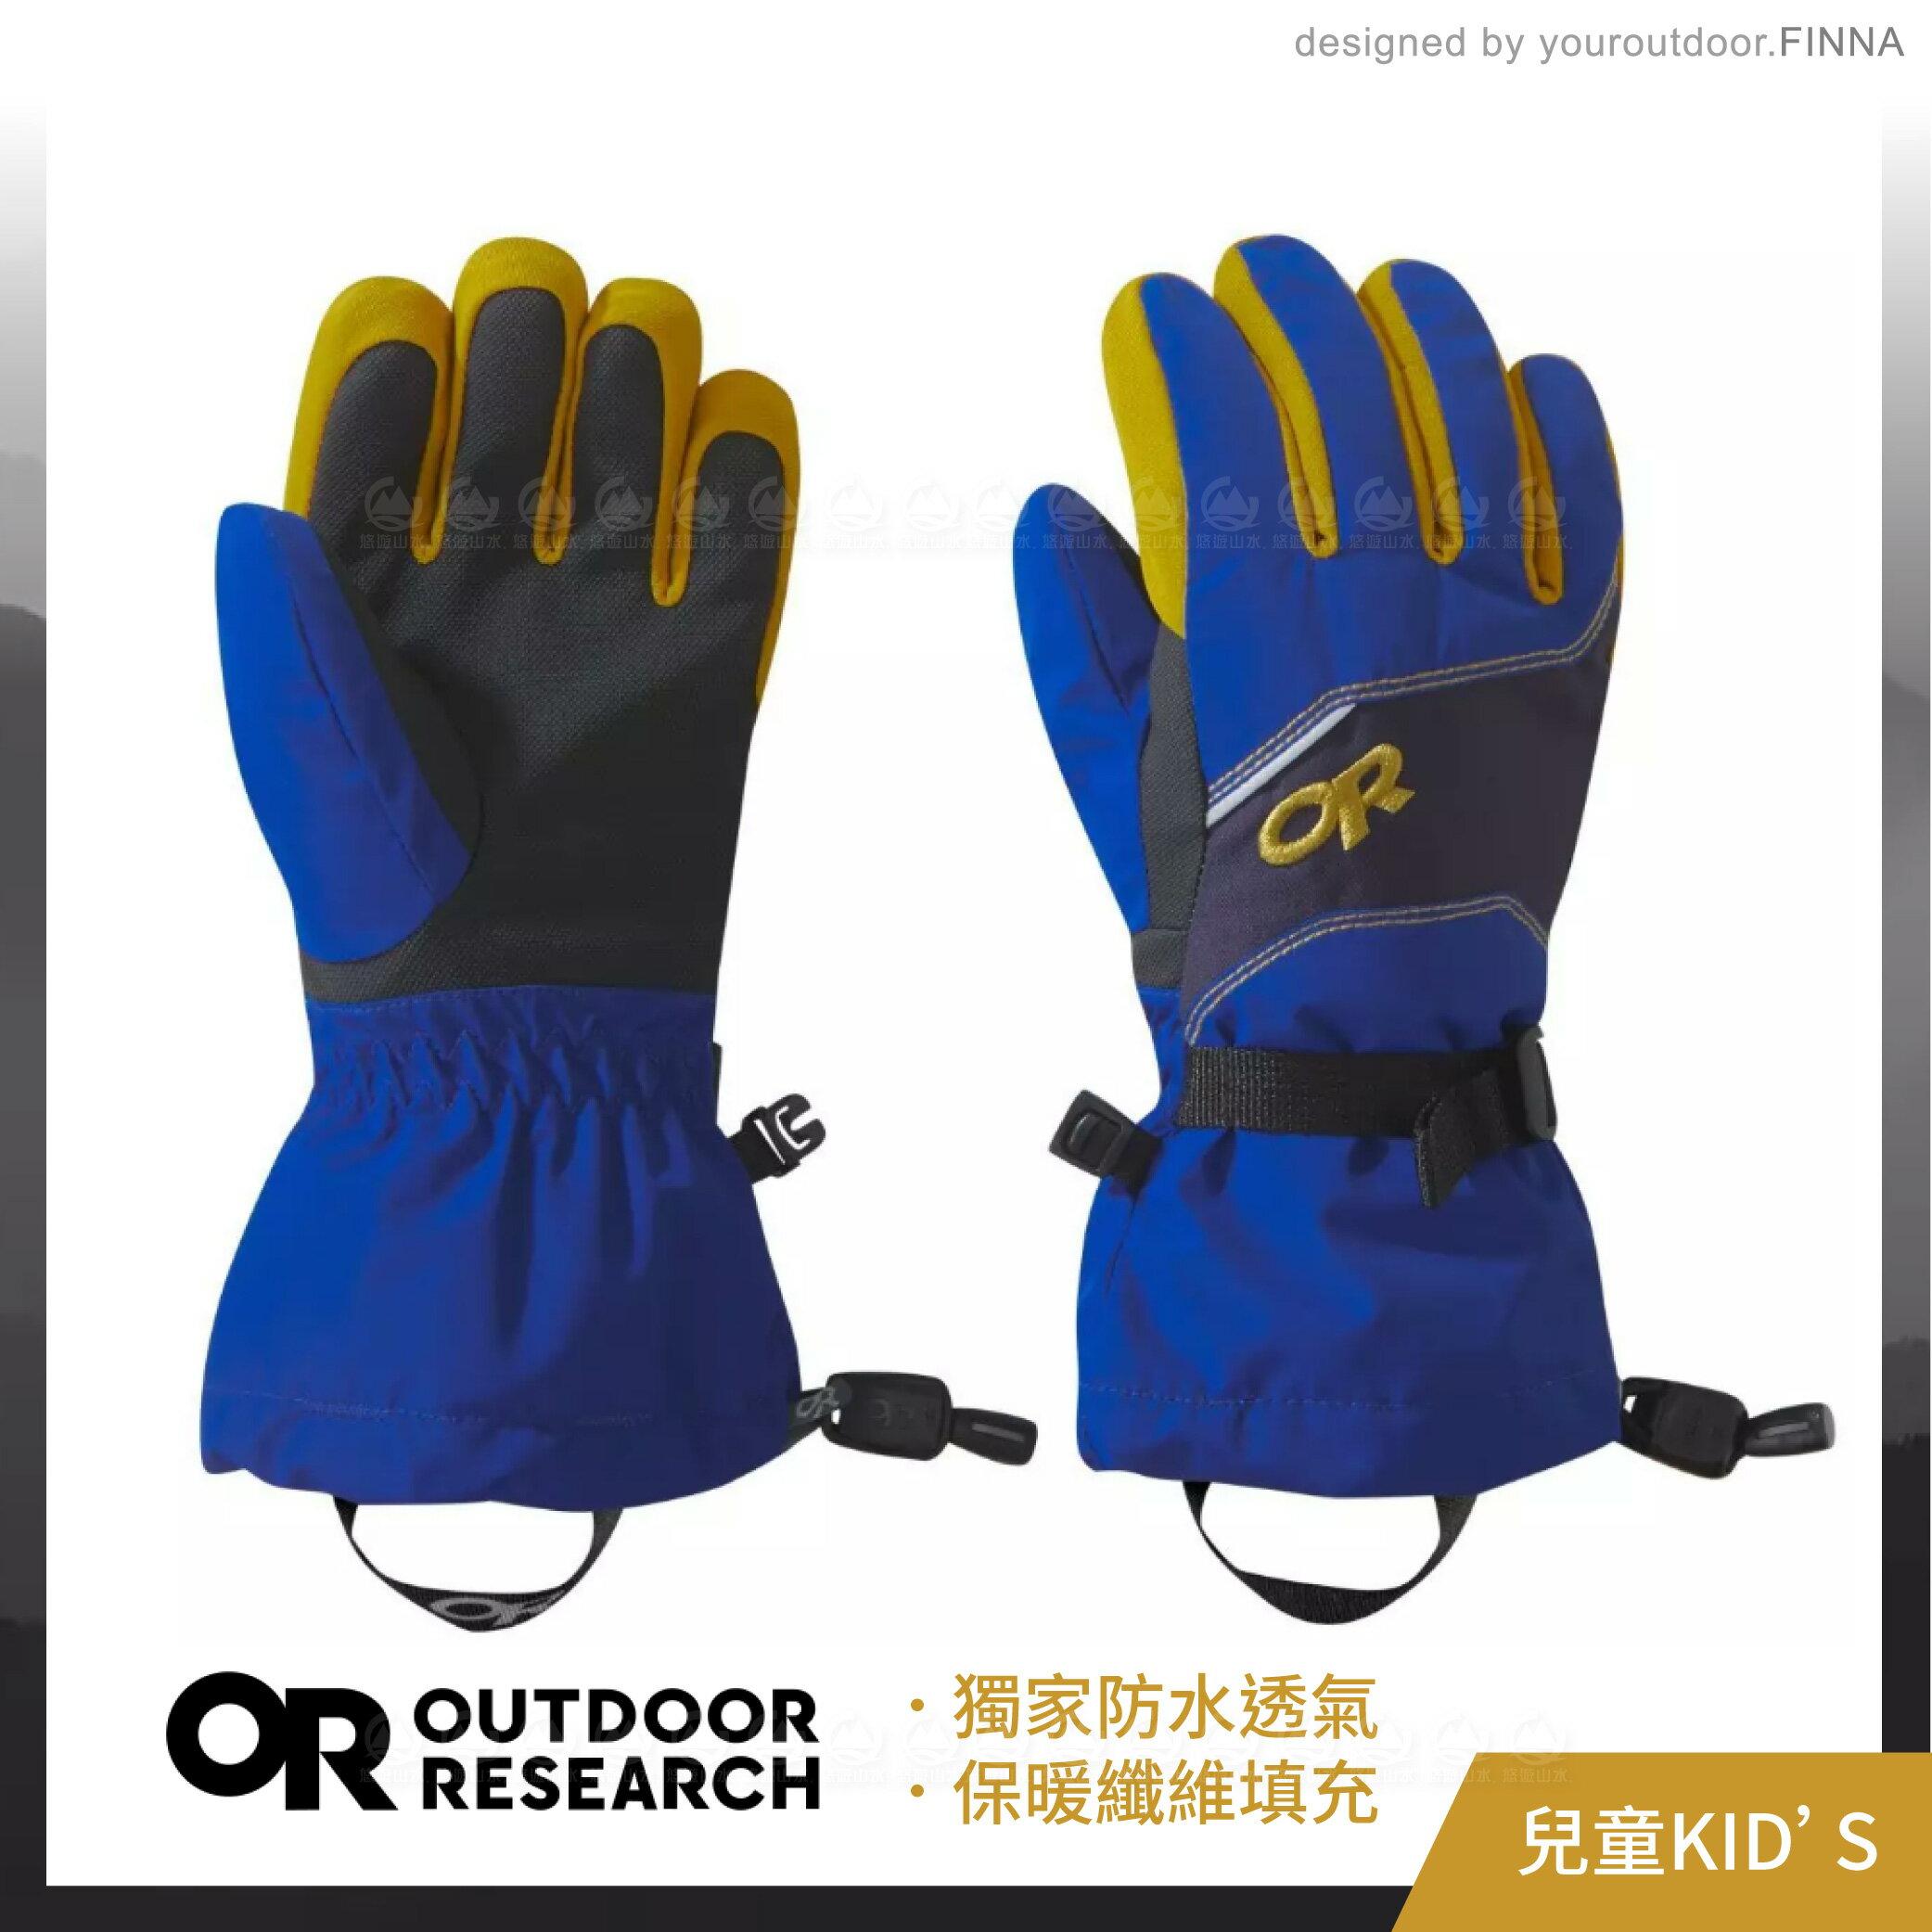 【Outdoor Research 美國 兒童 ADRENALINE 手套《藍/黑/黃》】243196/兒童手套/保暖手套